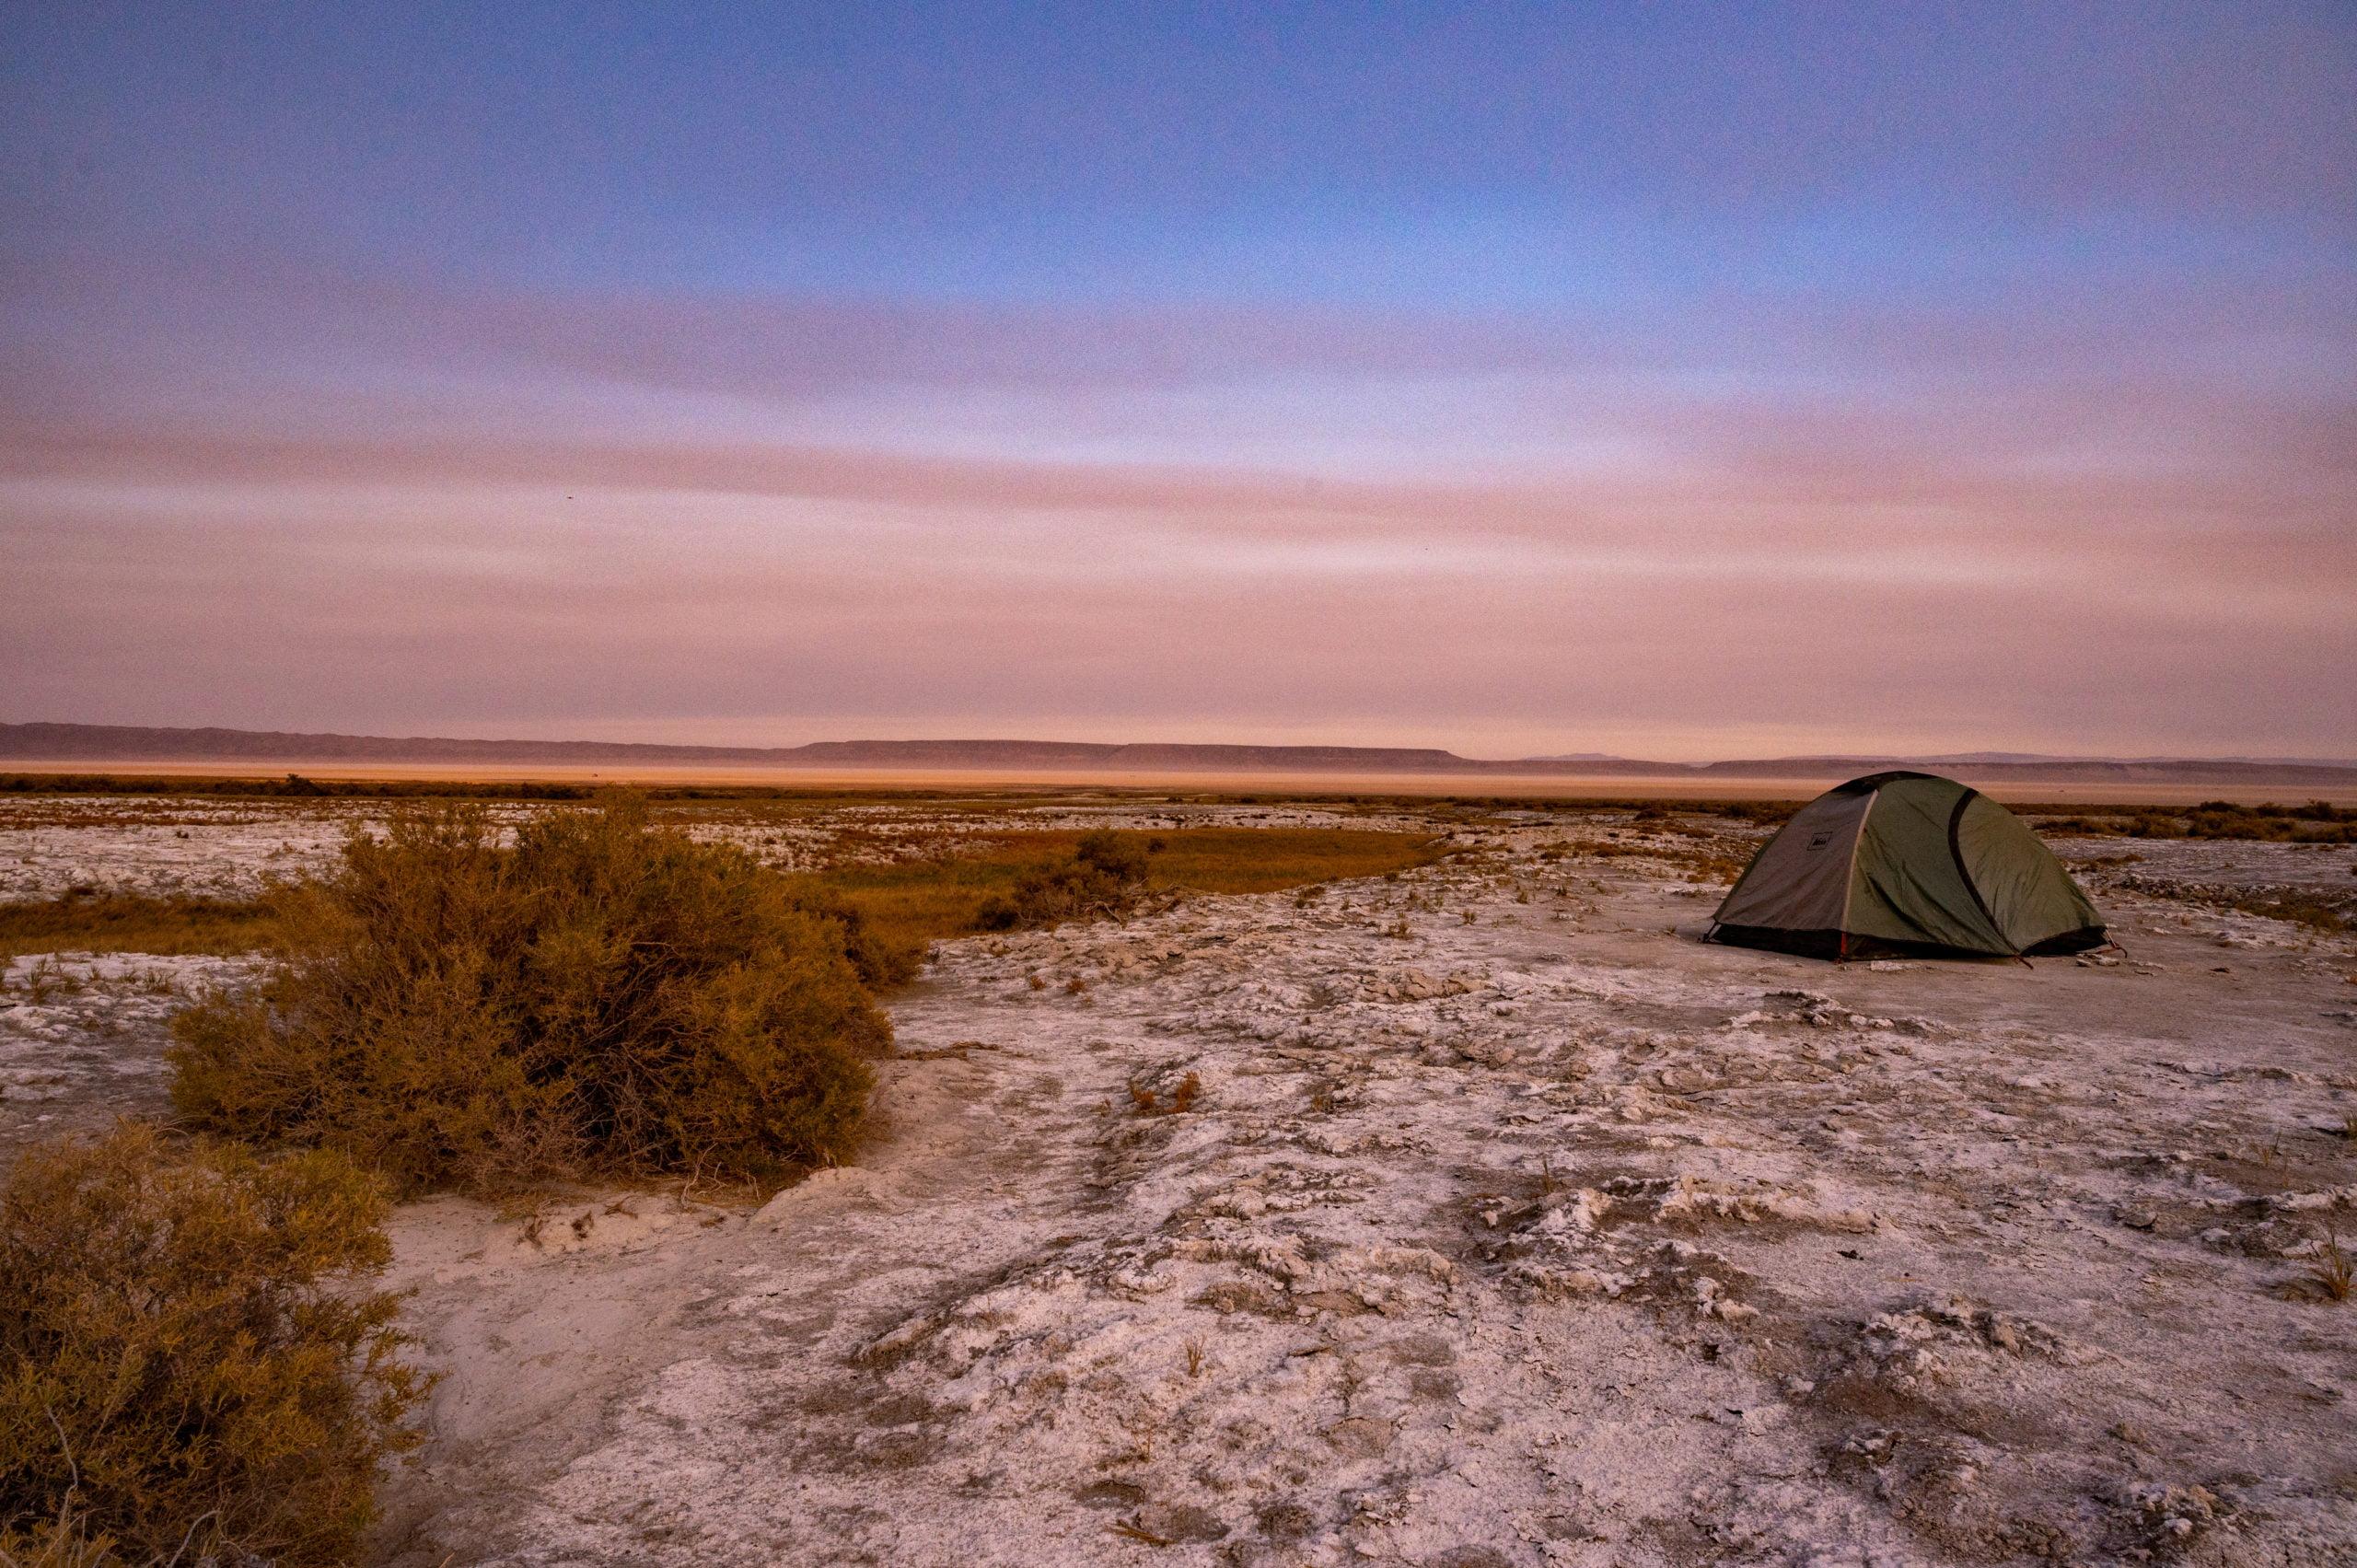 tent in desert at sunset